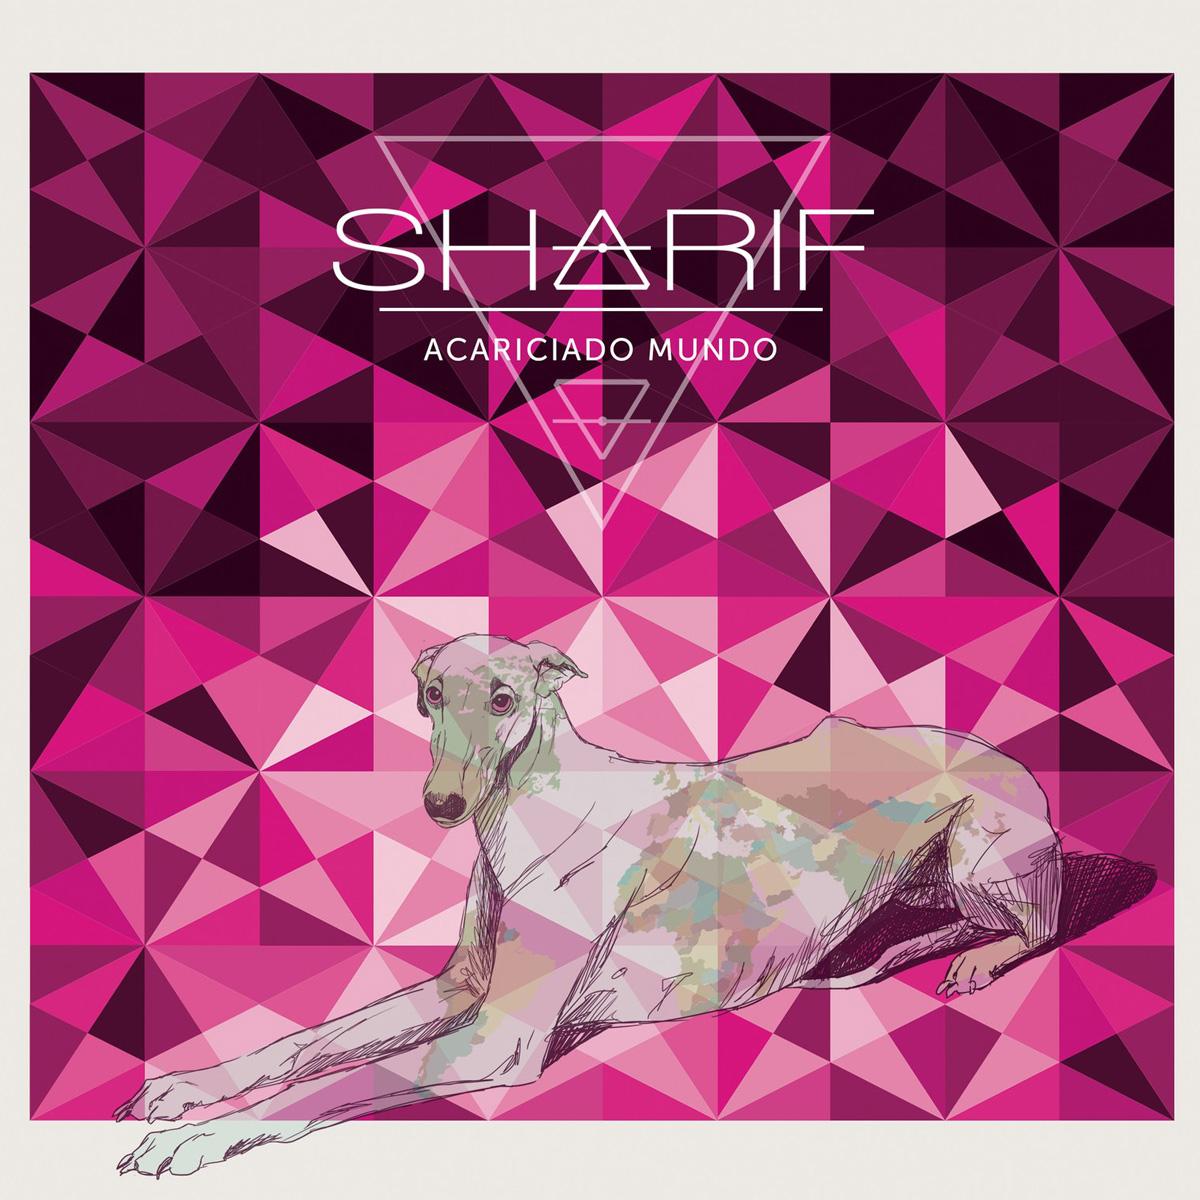 """Escucha el nuevo disco de Sharif """"Acariciado mundo"""""""